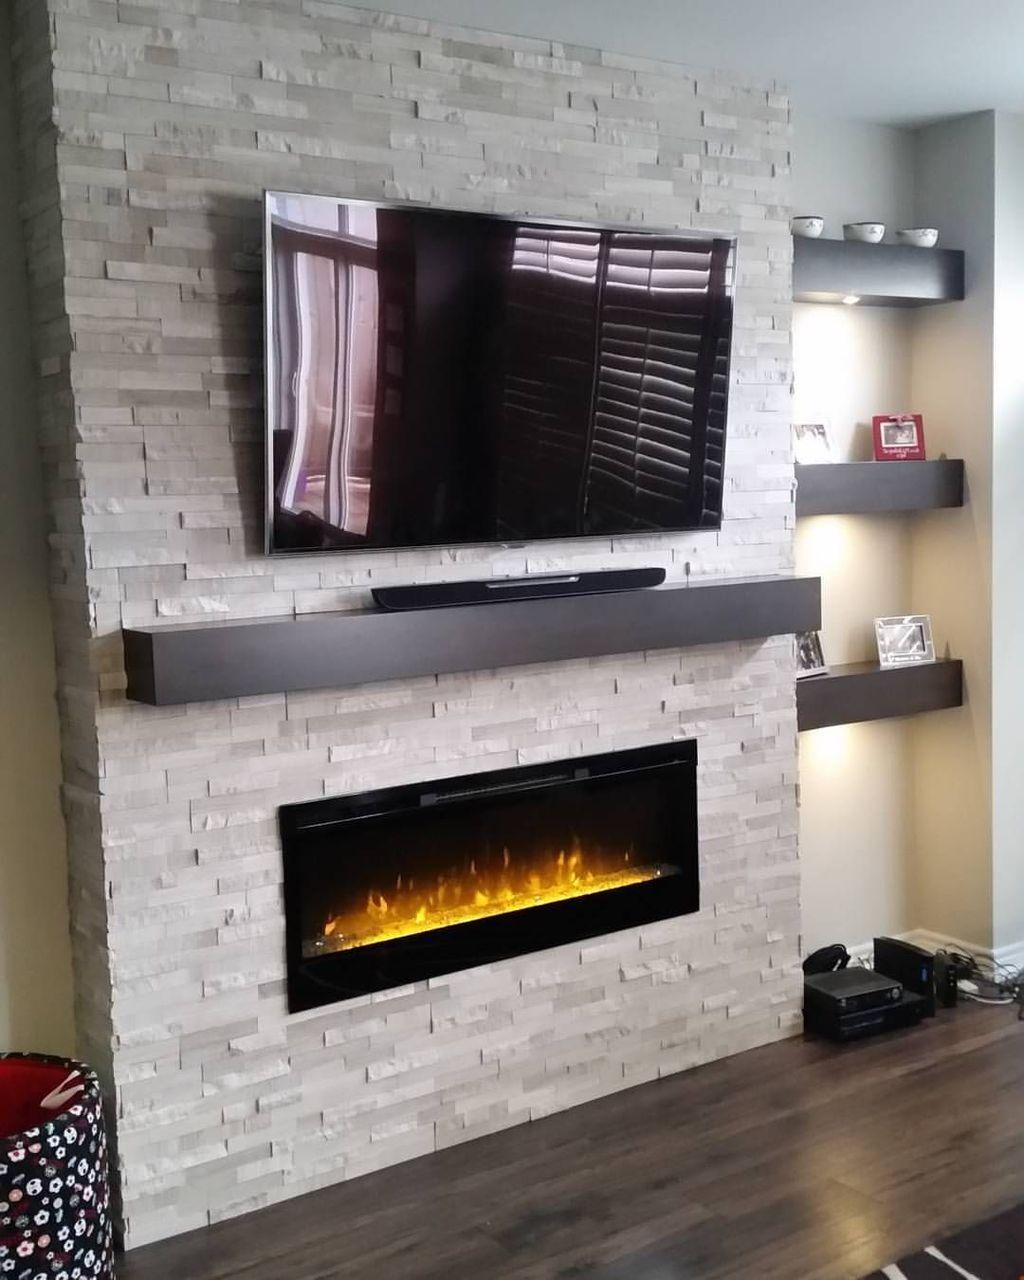 20 Impressive Fireplace Design Ideas Coodecor Modern Fireplace Decor Fireplace Design Modern Fireplace